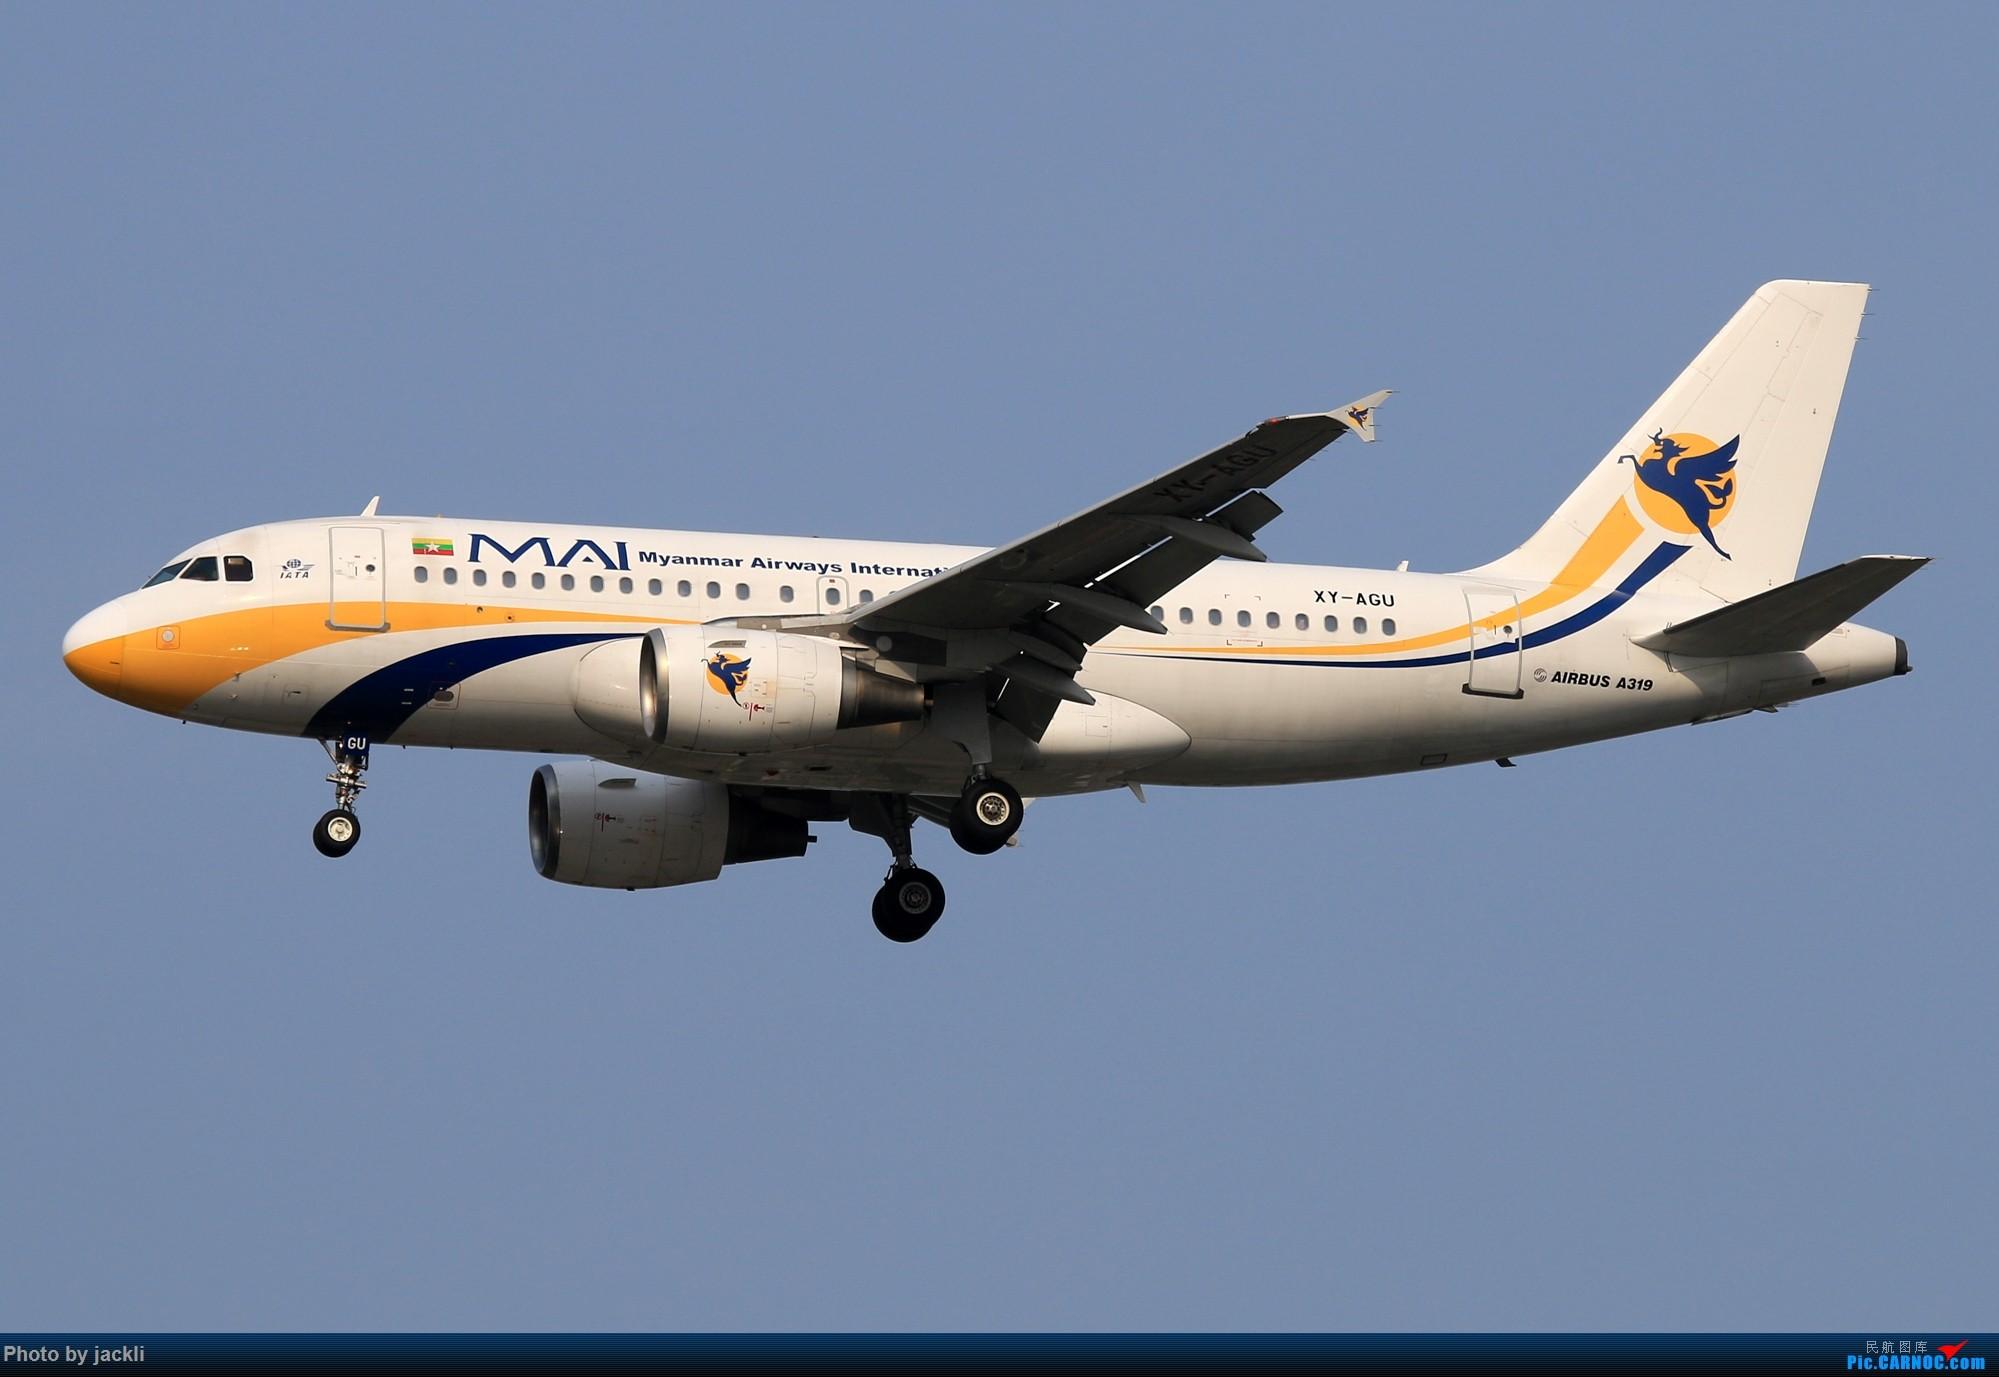 Re:[原创]【JackLi】泰国曼谷素万那普机场拍机~ AIRBUS A319-100 XY-AGU 泰国曼谷素万那普国际机场